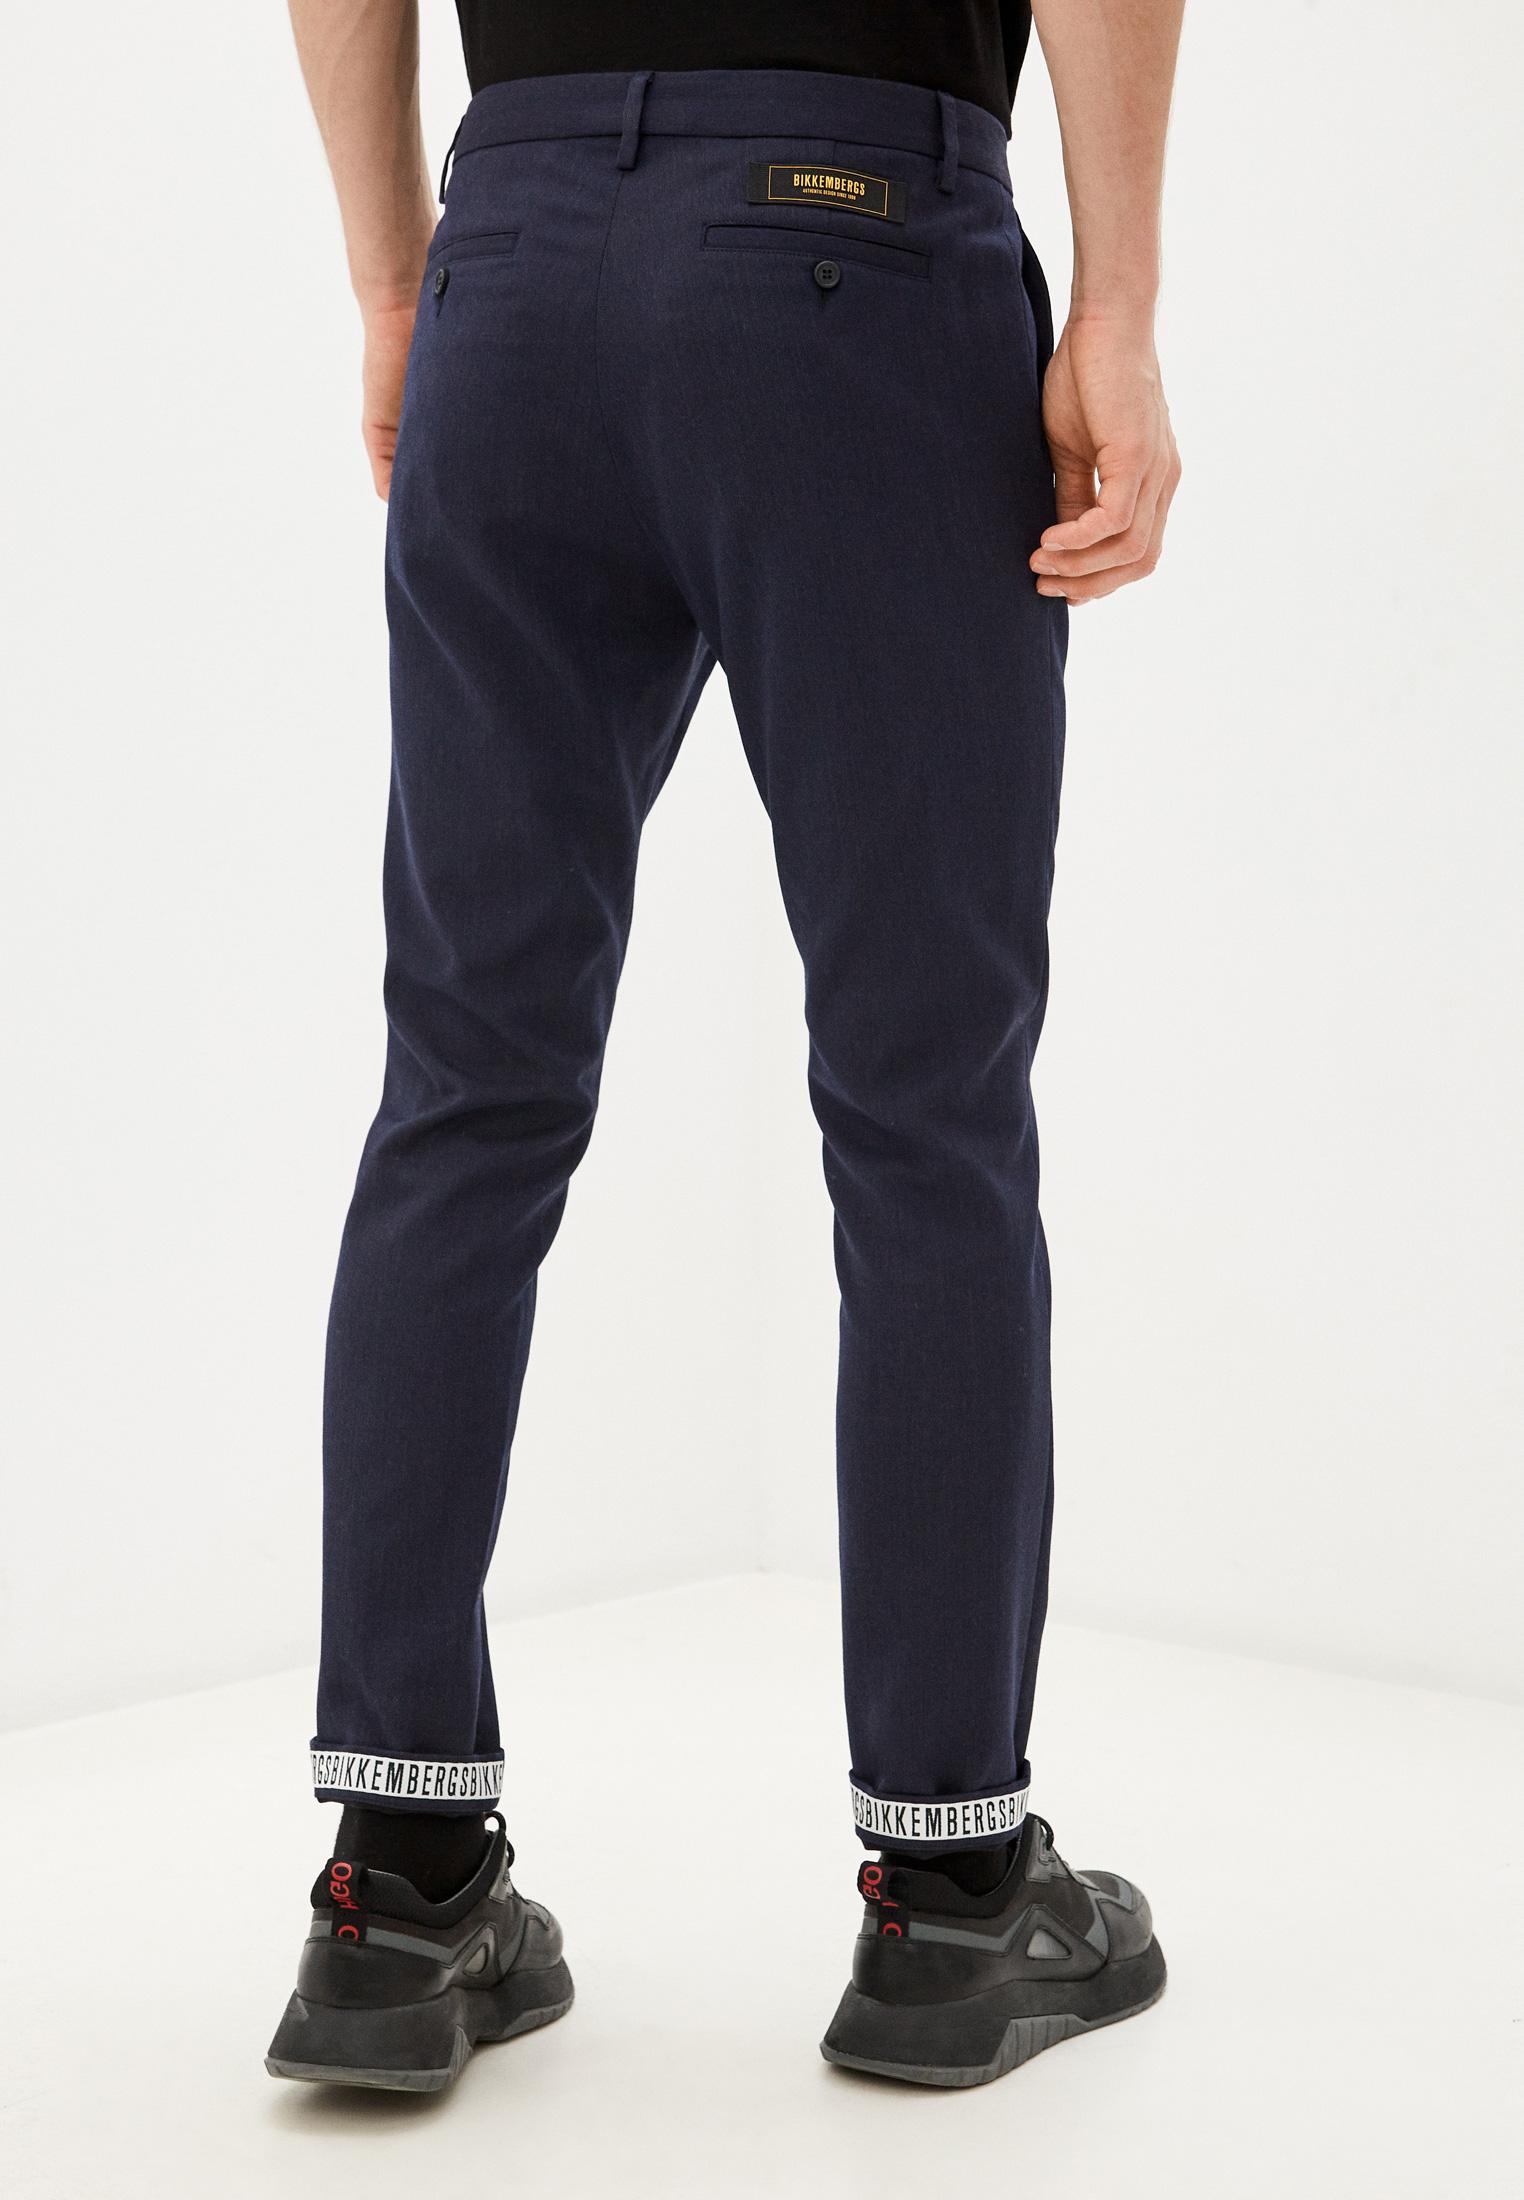 Мужские повседневные брюки Bikkembergs (Биккембергс) C P 001 00 S 3331: изображение 4